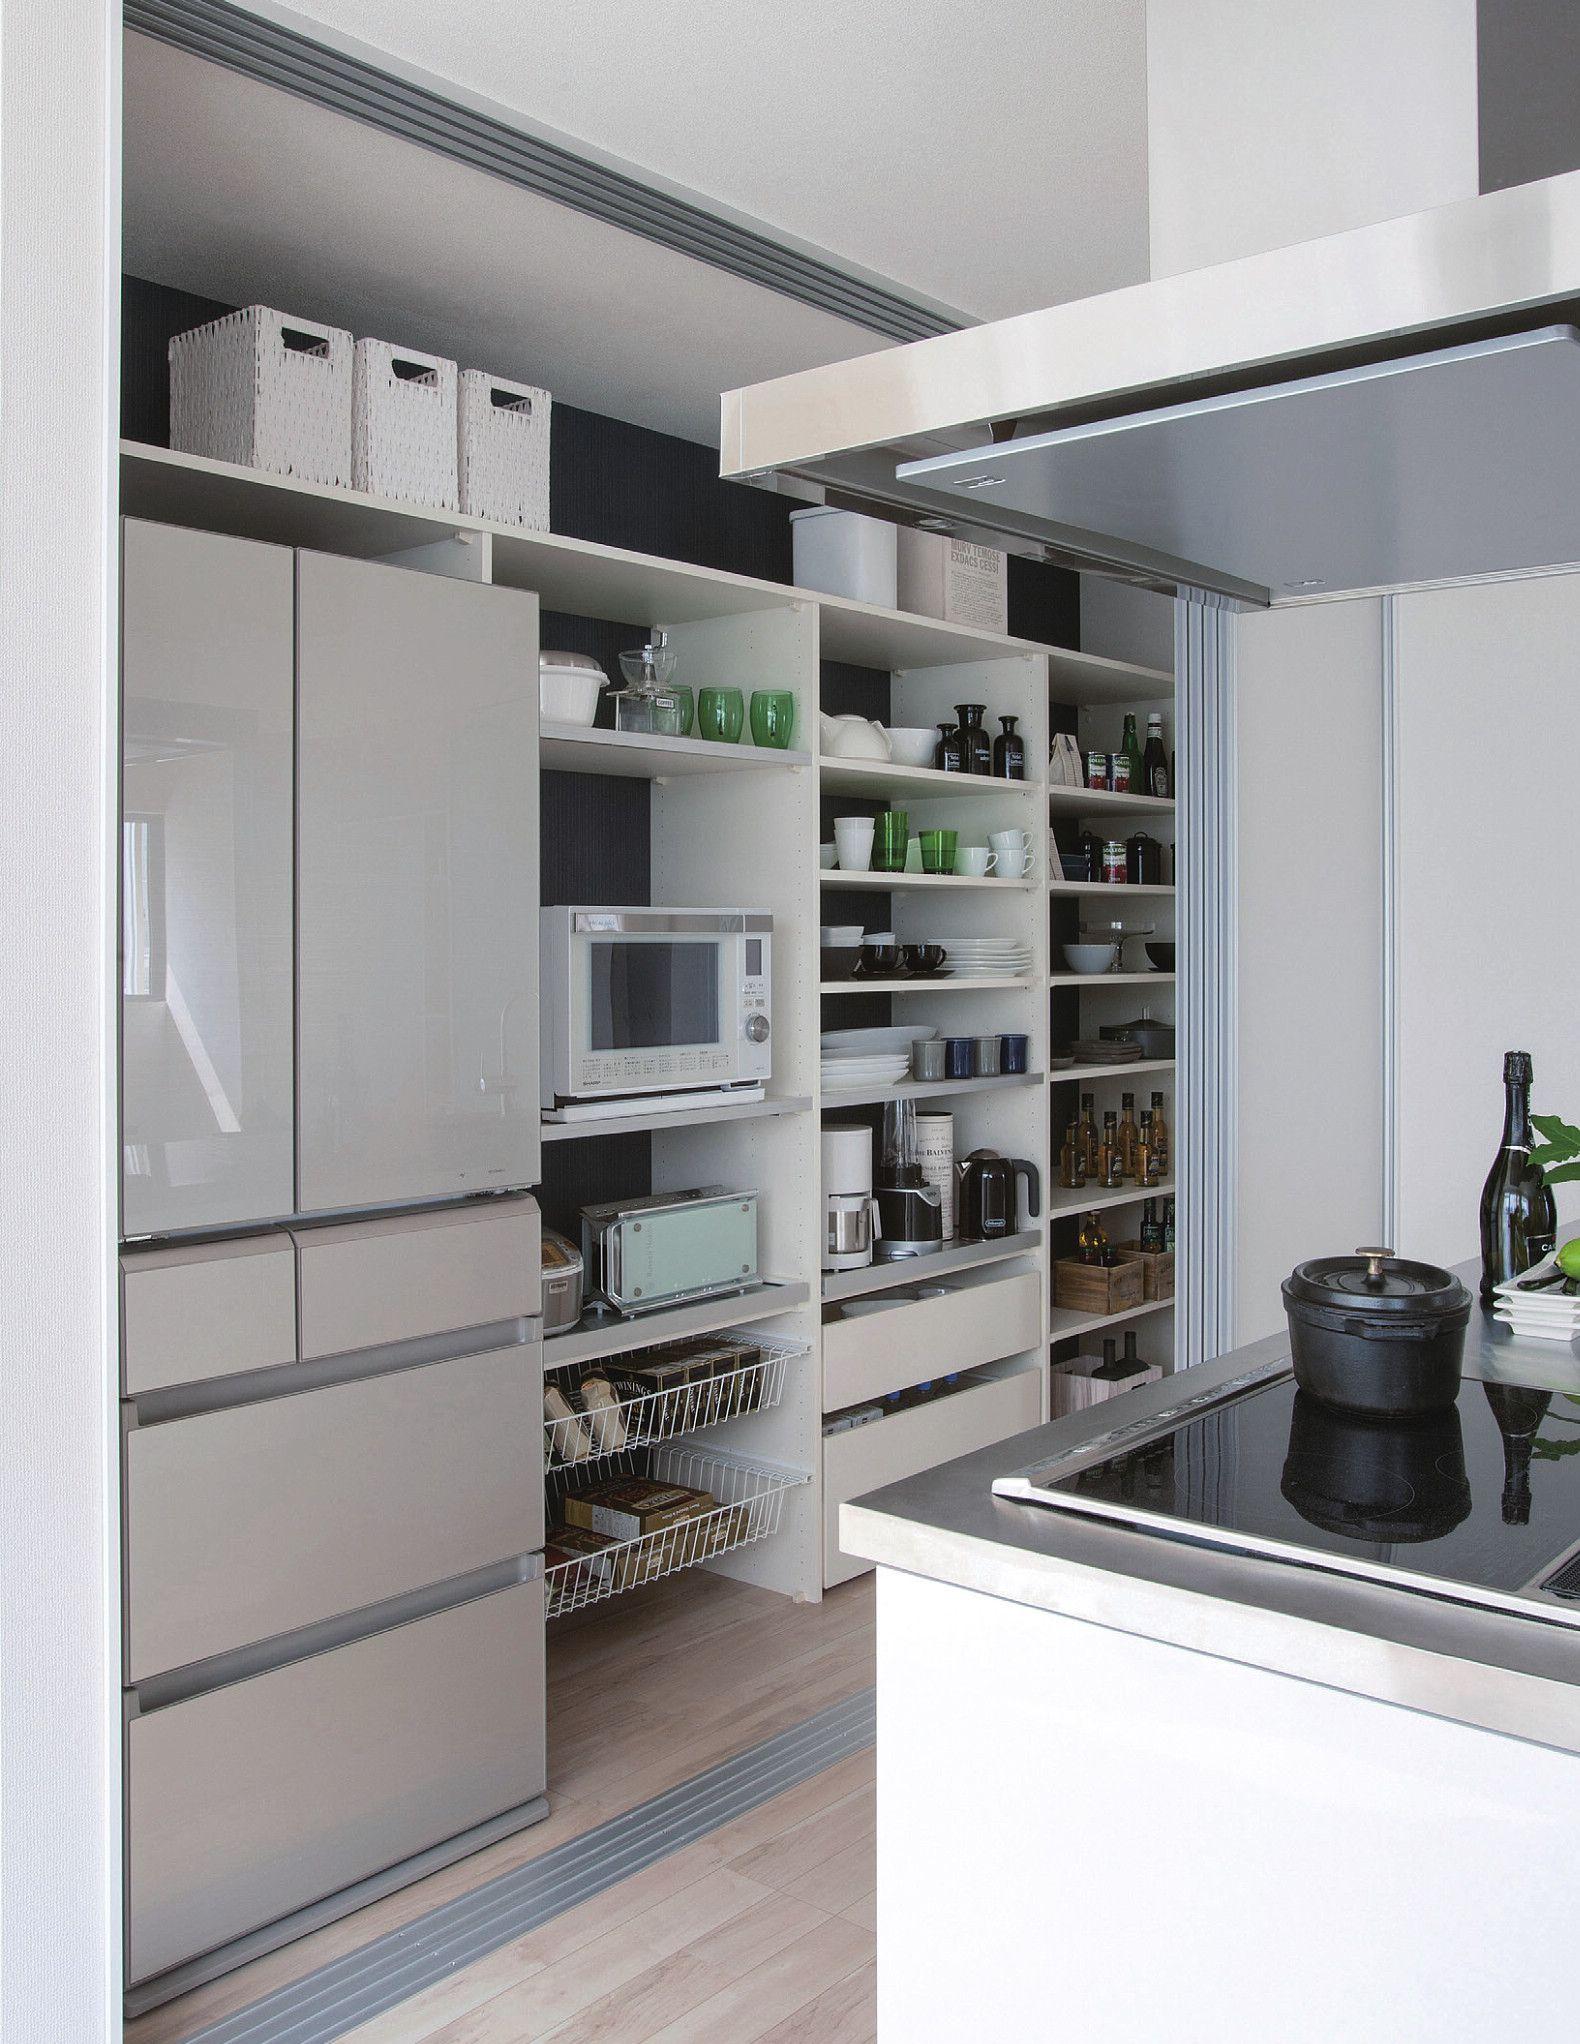 間取りアドバイザー 坂口亜希子 片づけ苦手さんの 扉ですべて隠す食器棚 キッチン 背面収納 キッチンパントリーのデザイン キッチンデザイン